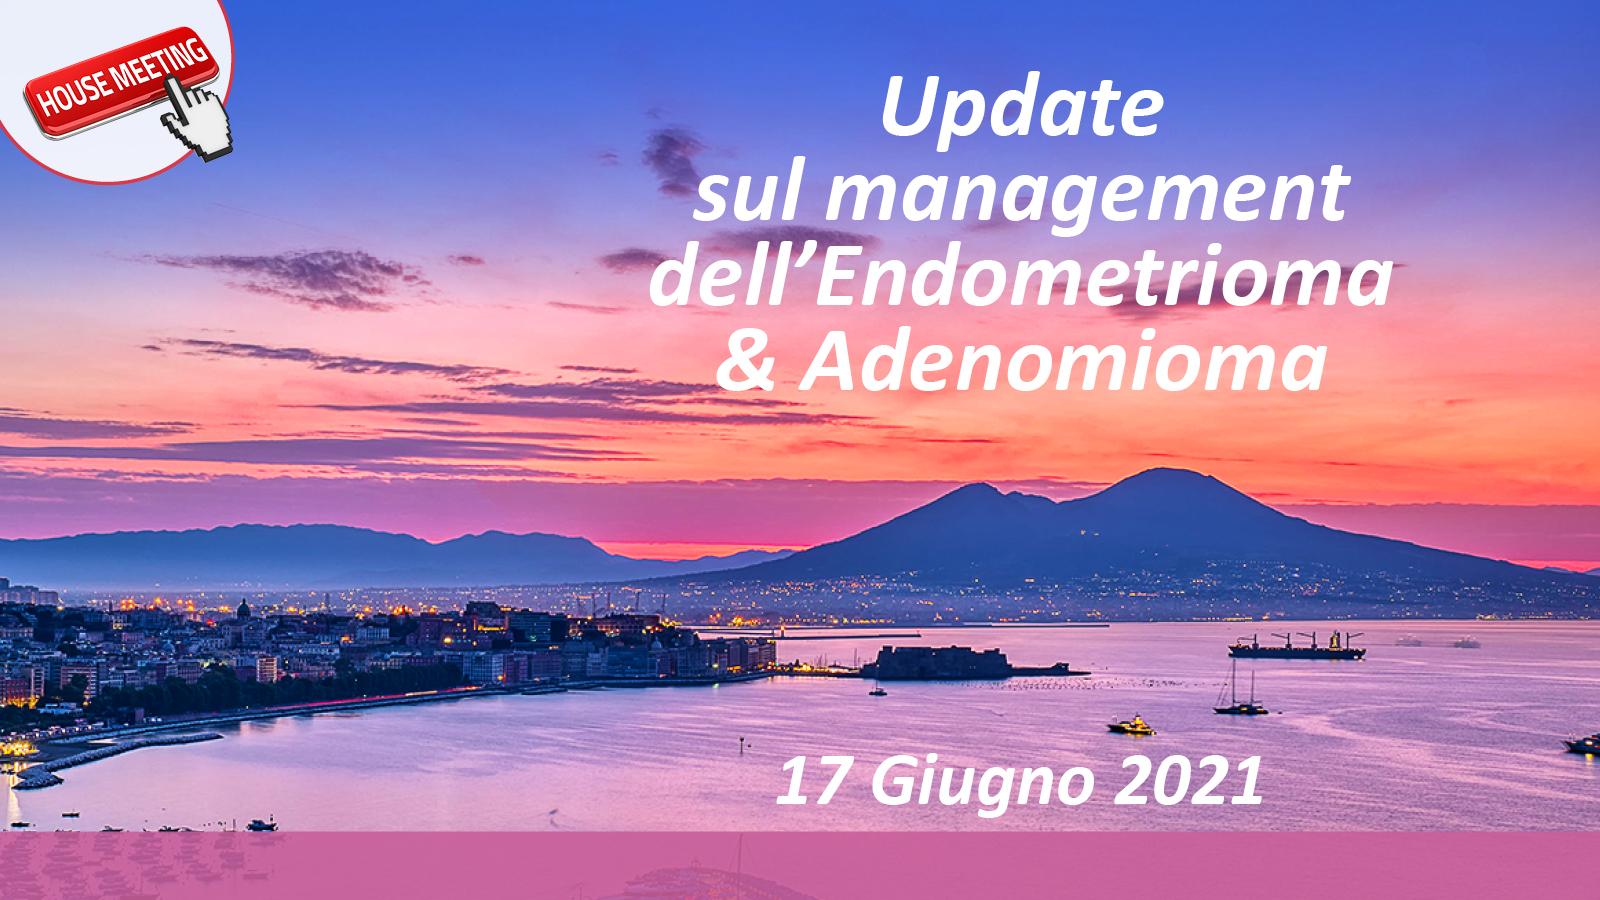 Update sul management dell'Endometrioma & Adenomioma